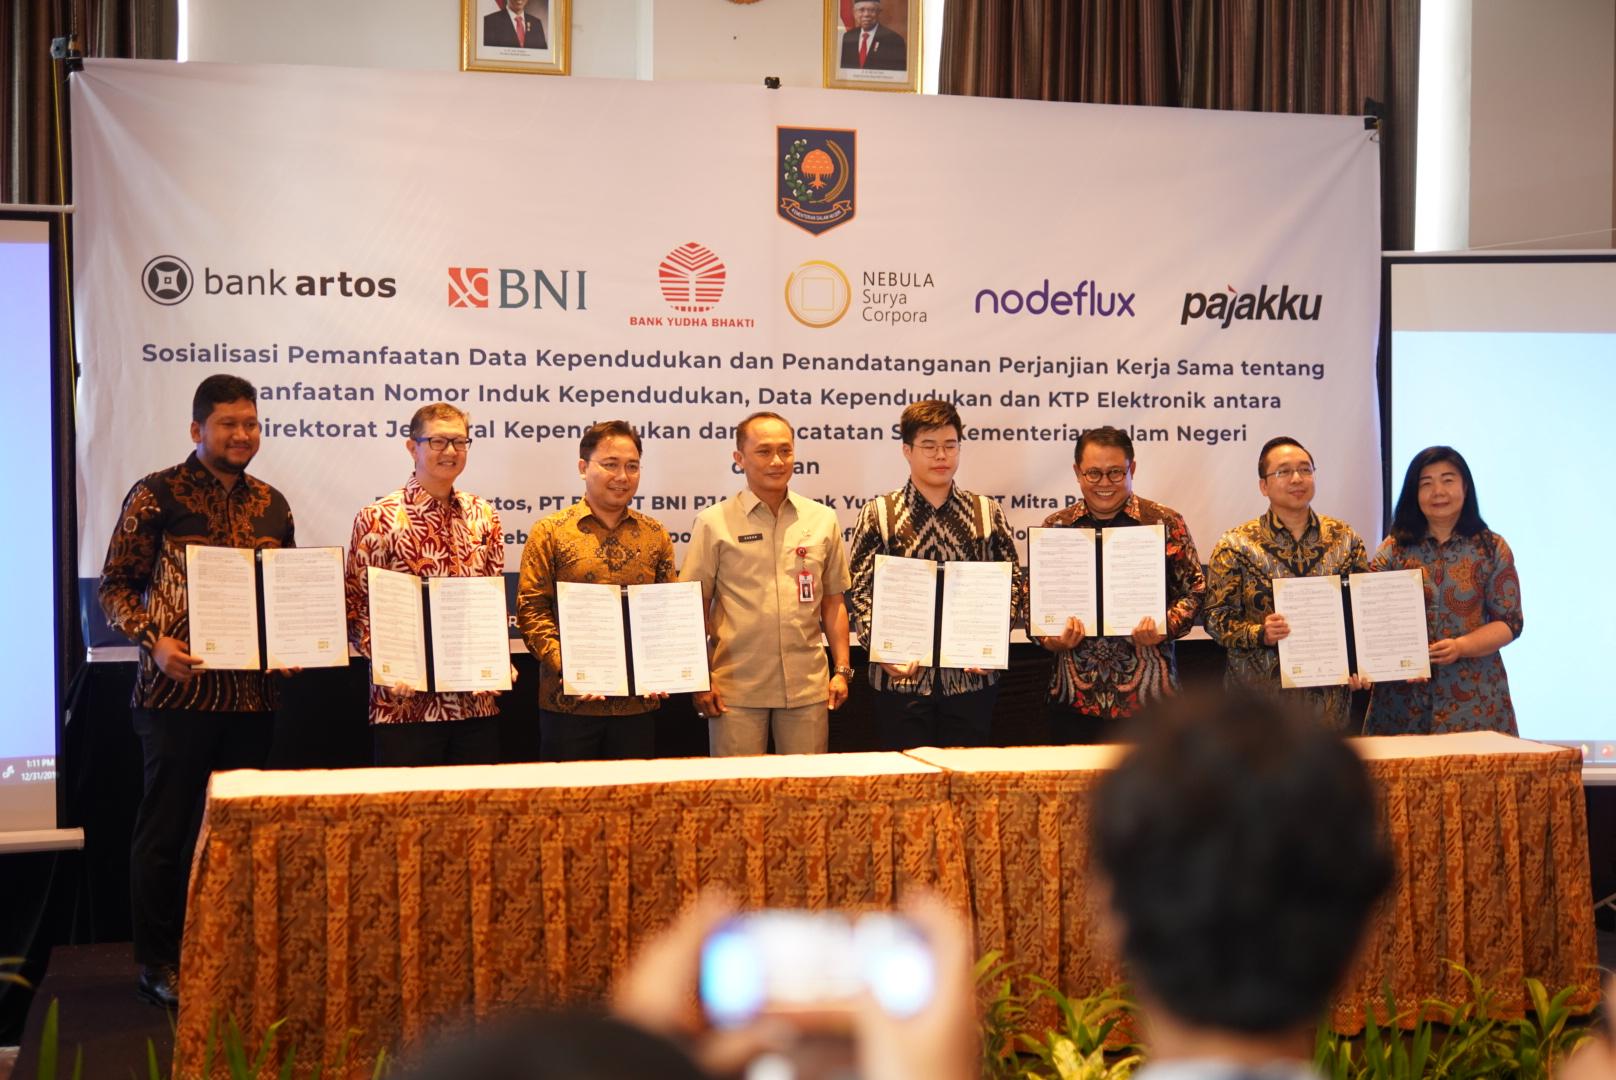 Dukcapil Gandeng Tujuh Mitra Terpercaya untuk Pemanfaatan Data Kependudukan Indonesia